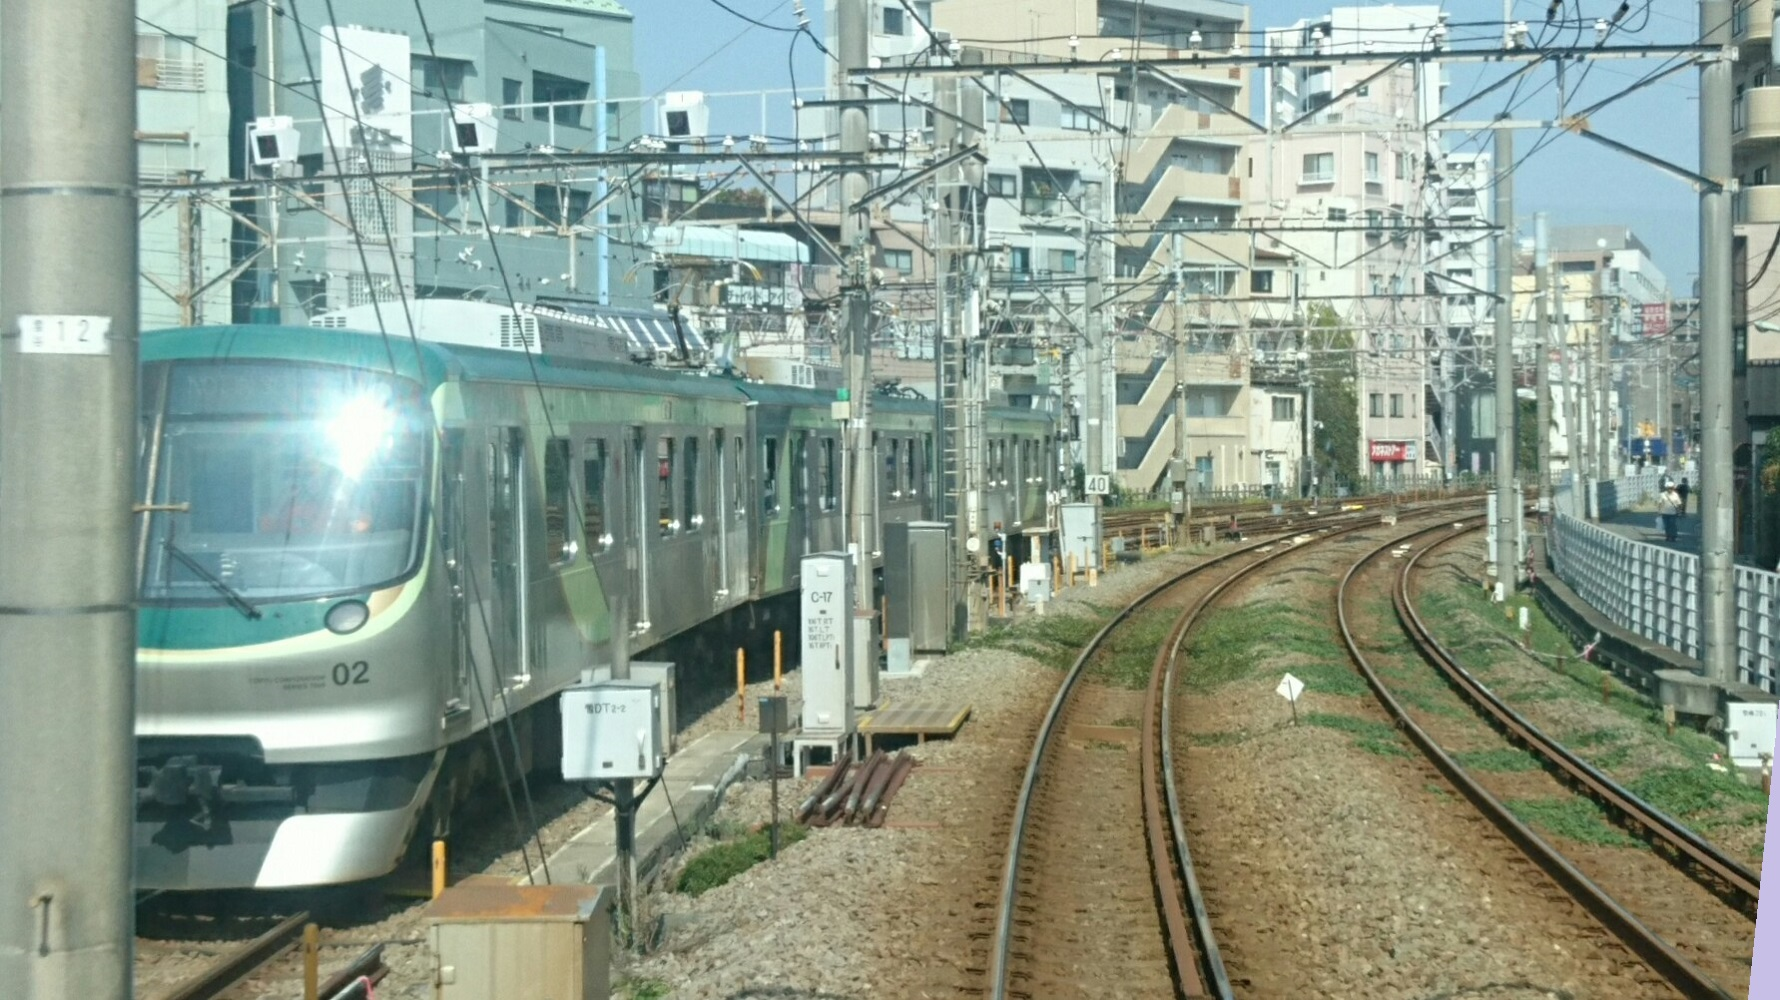 2017.10.12 東京 (52) 五反田いき各停 - 雪が谷大塚車両基地 1780-1000